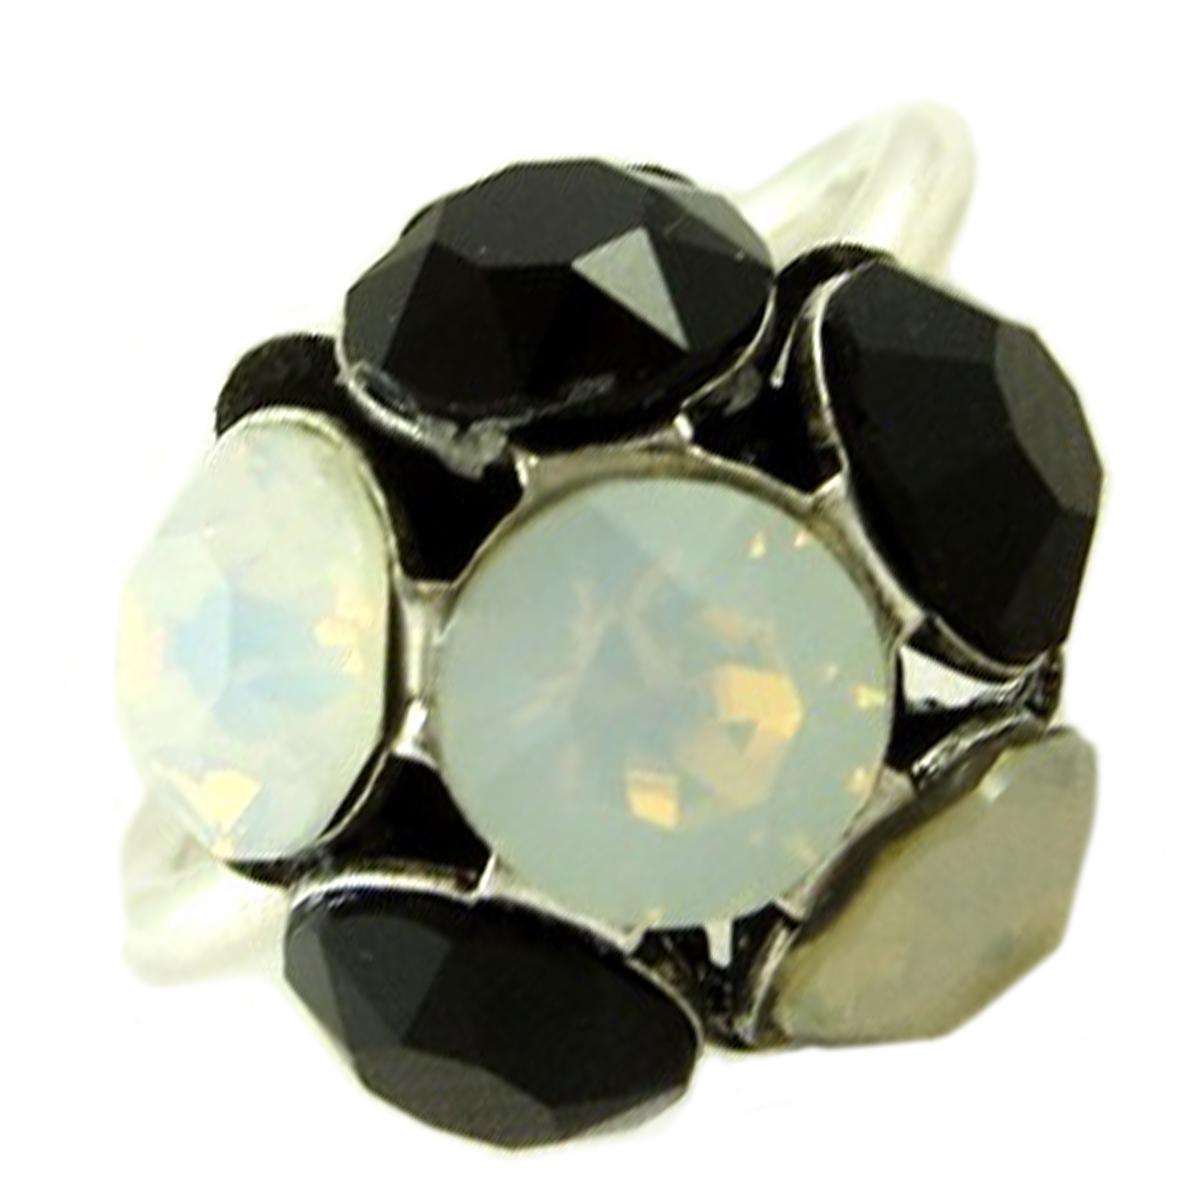 Bague artisanale \'Mythique Syracuse\' blanc noir argenté - 14 mm - [P9738]